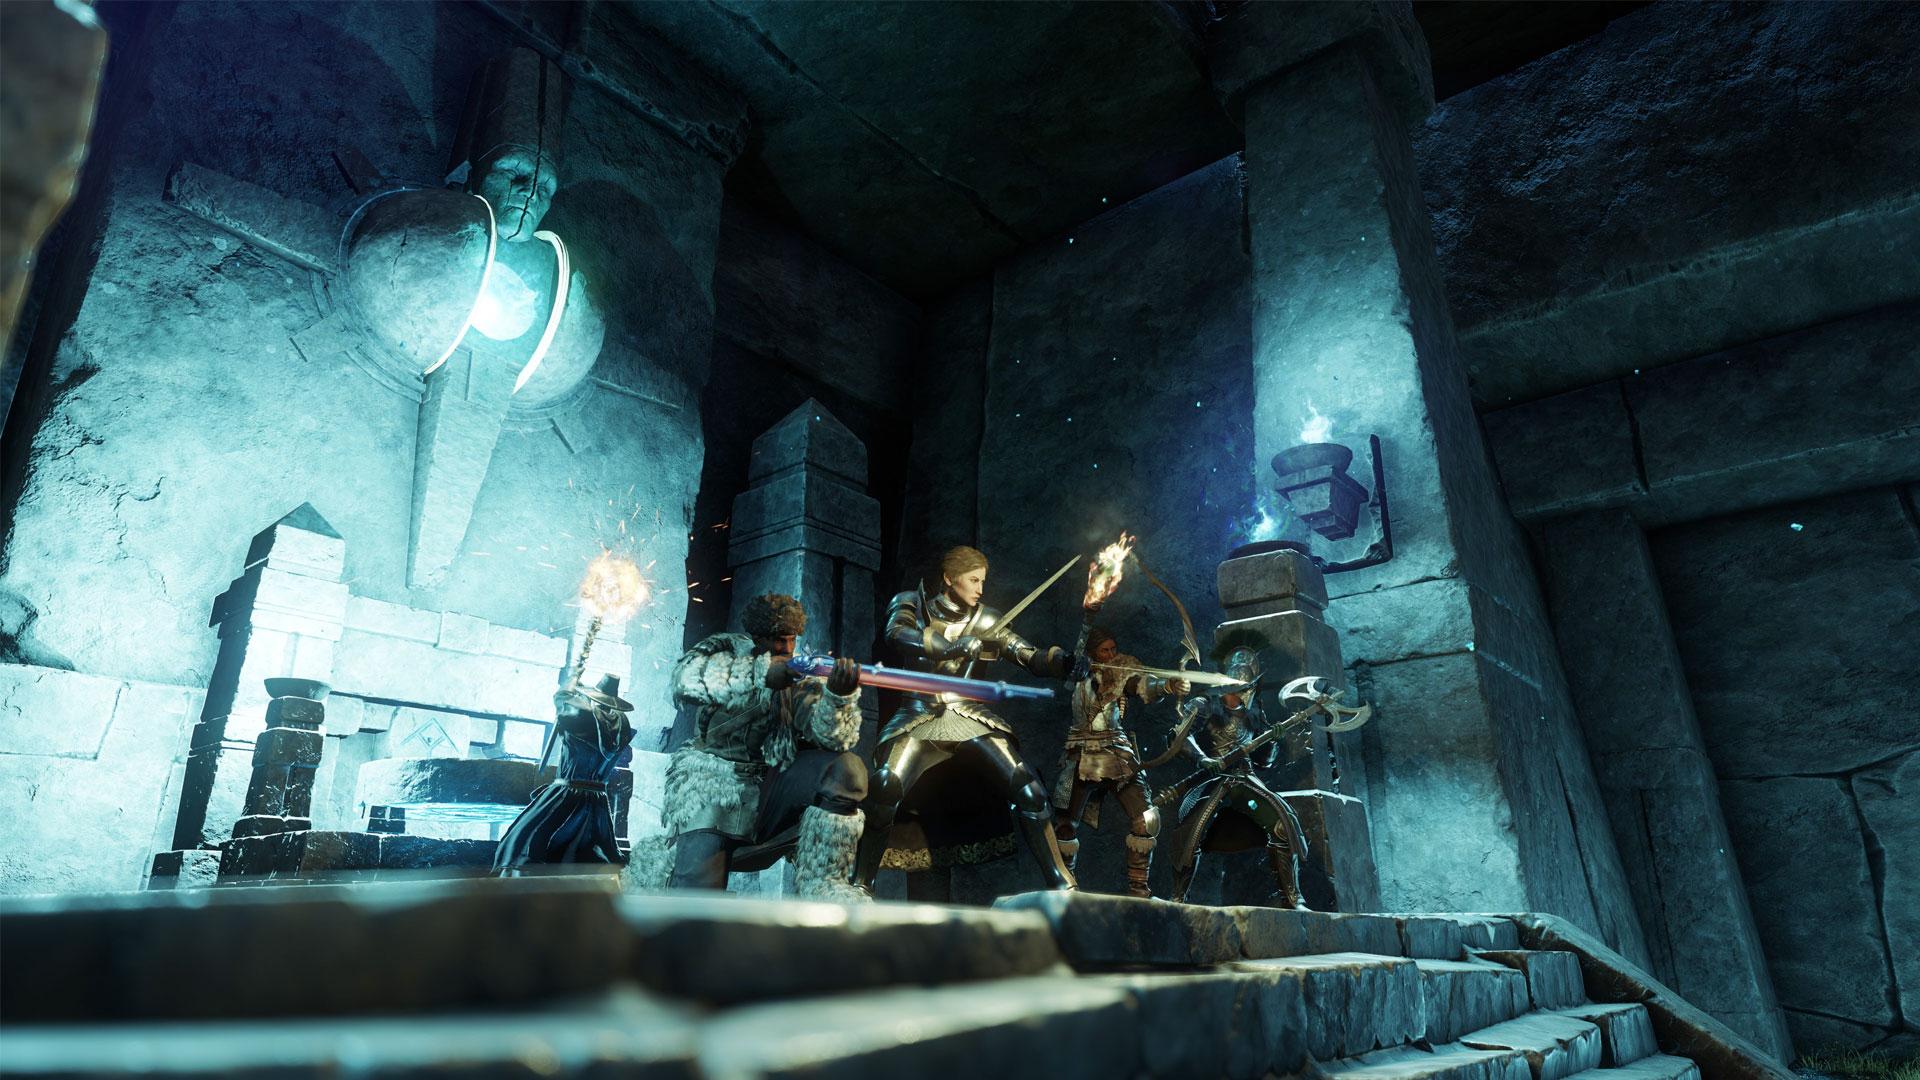 Еженедельный чарт Steam: Battlefield 2042 заняла три места из десяти, но не смогла обойти New World